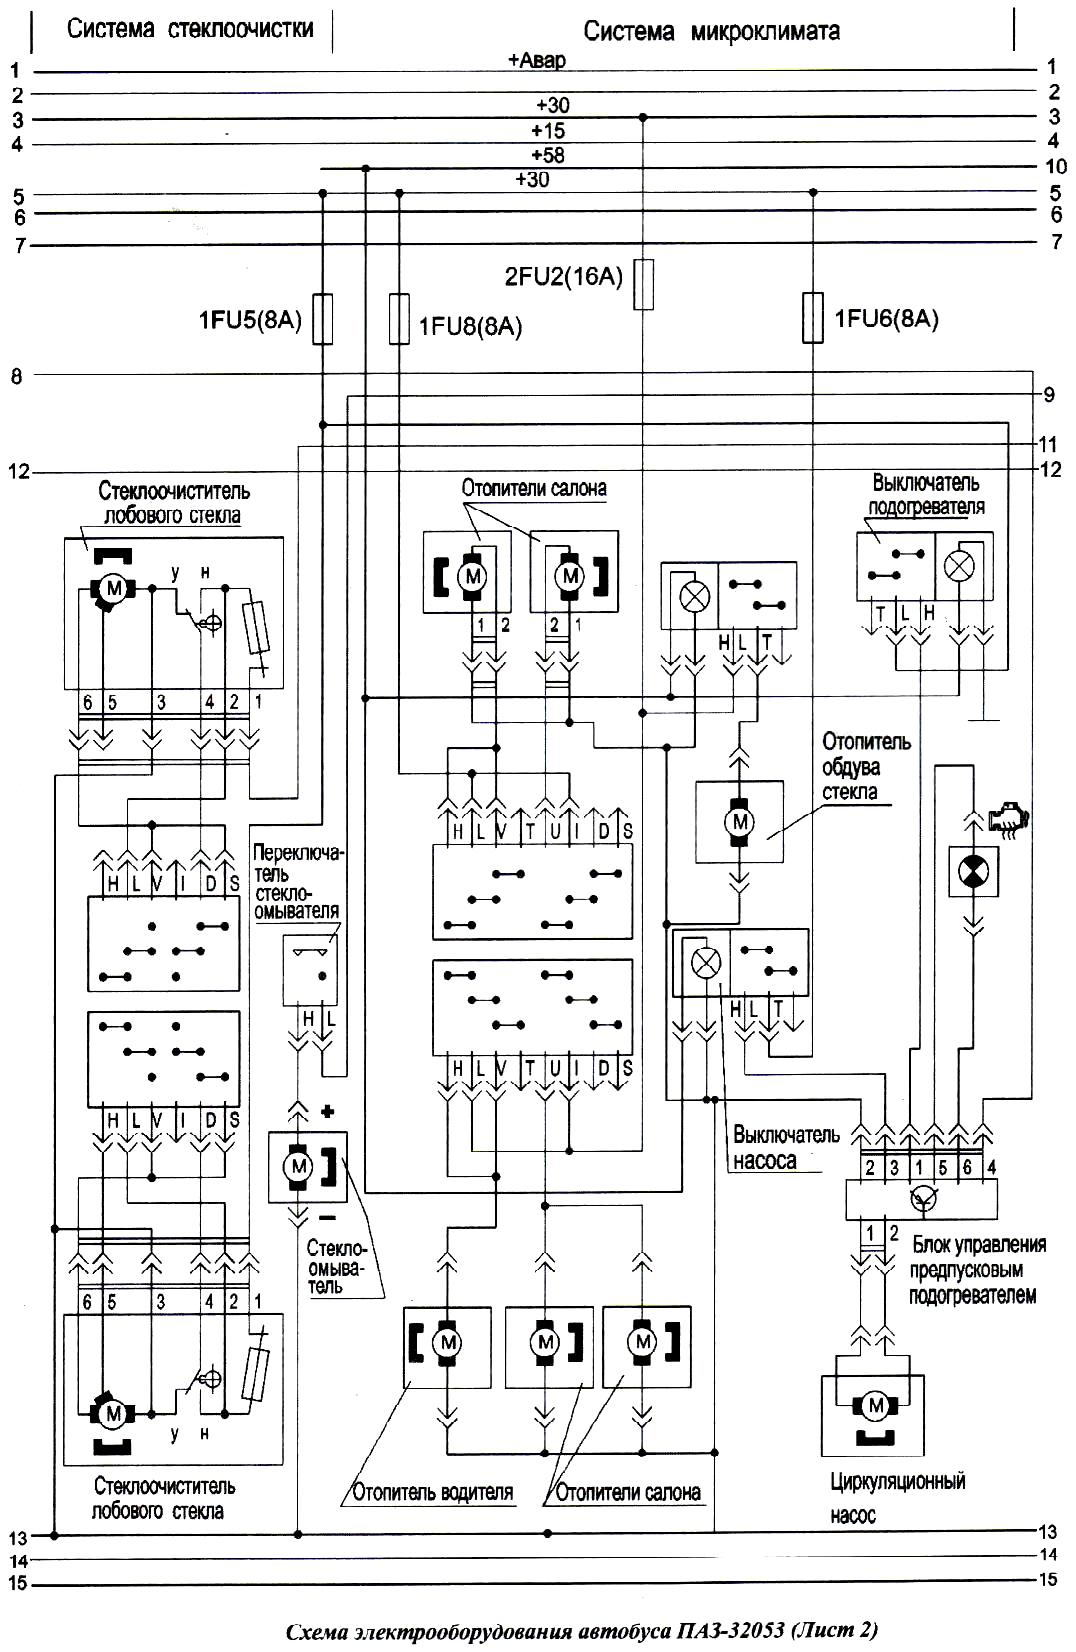 цветная электросхема паз 32053